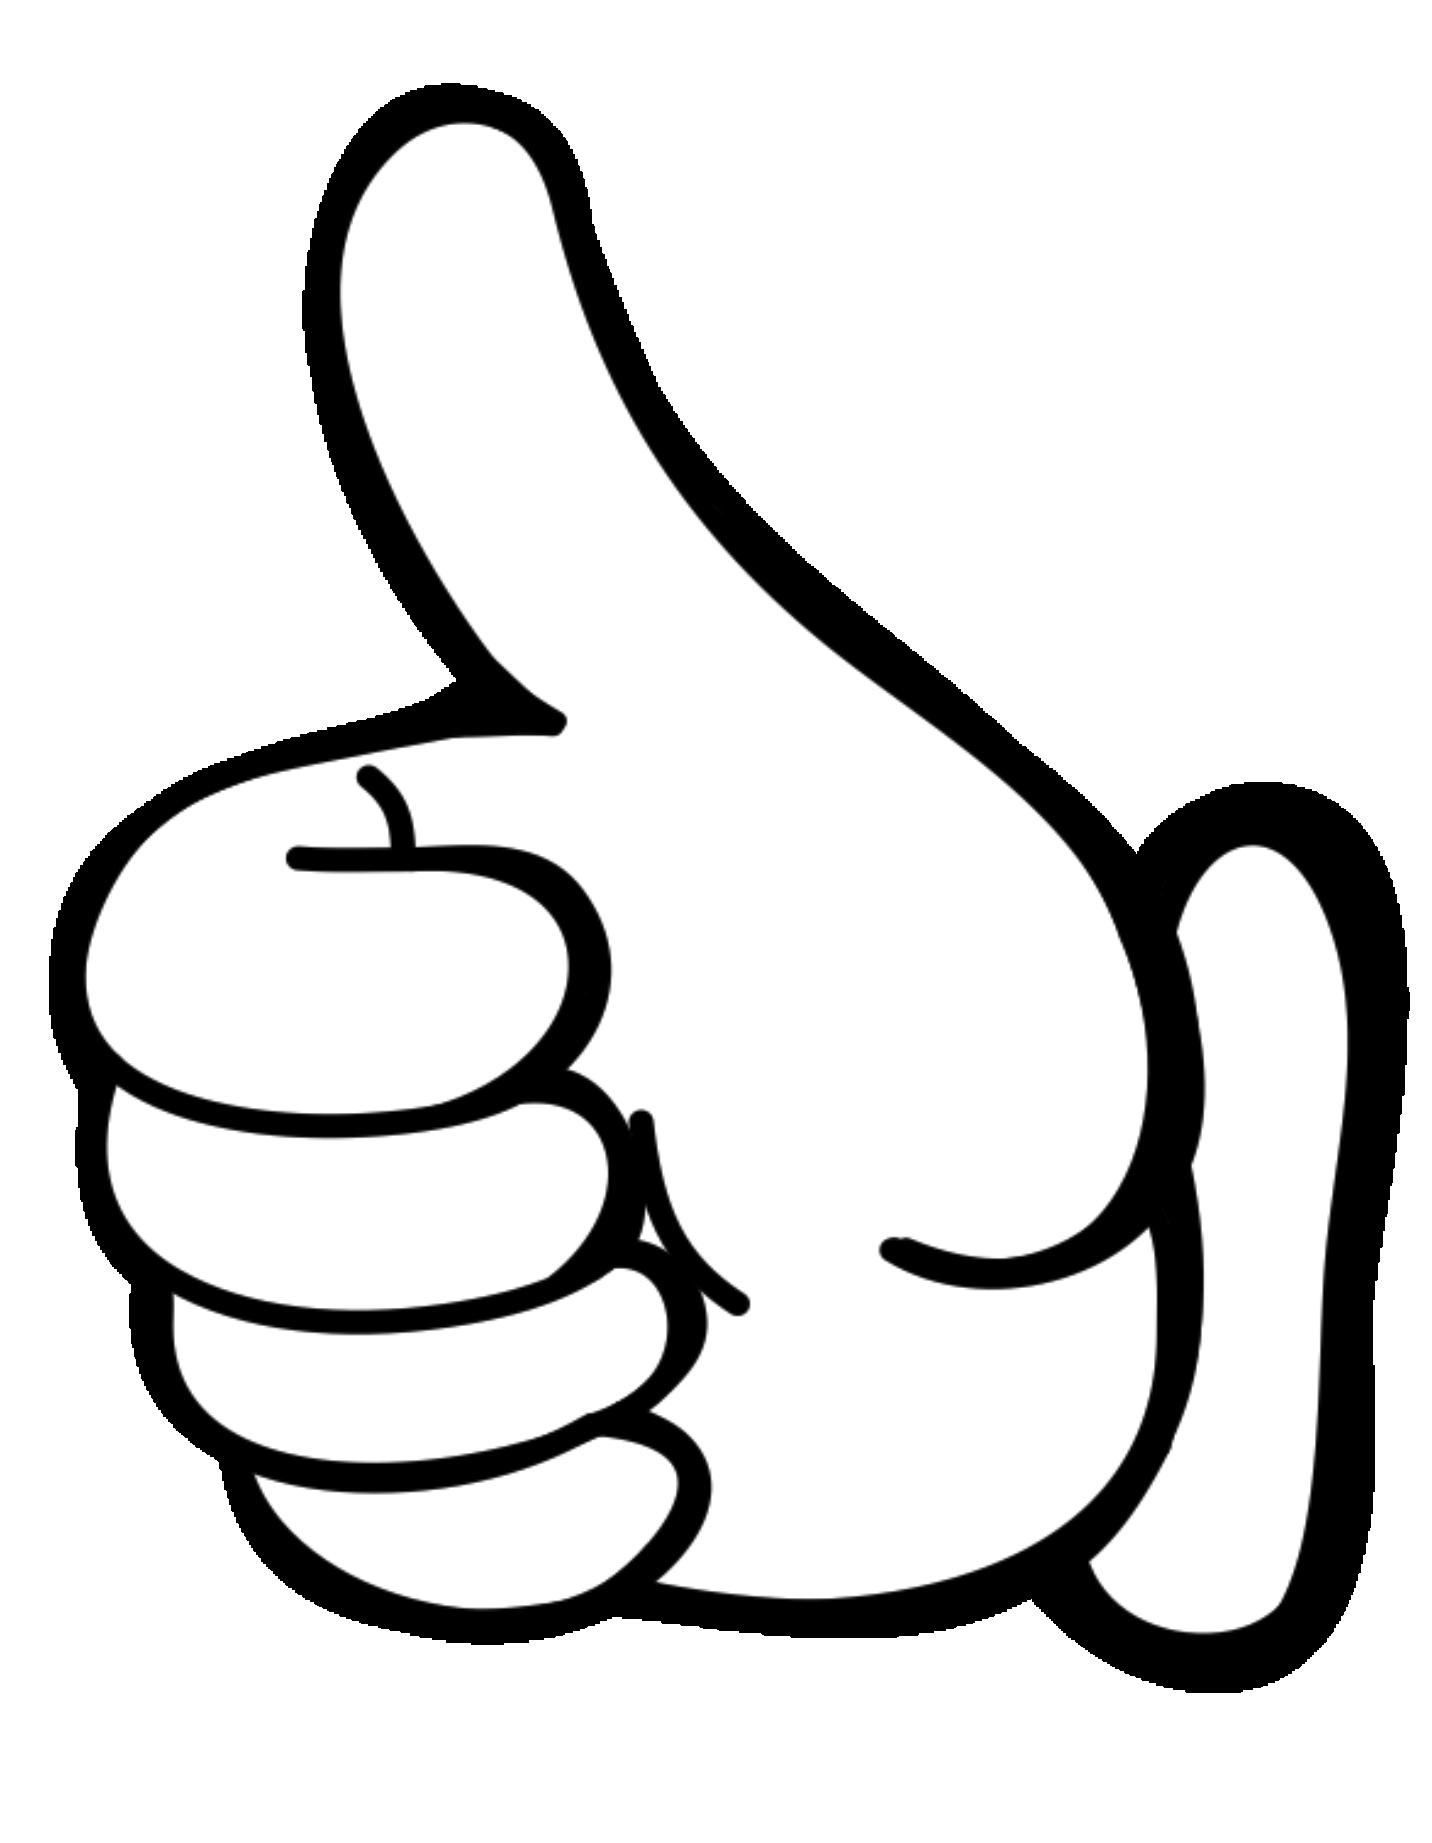 Поднятый палец картинка